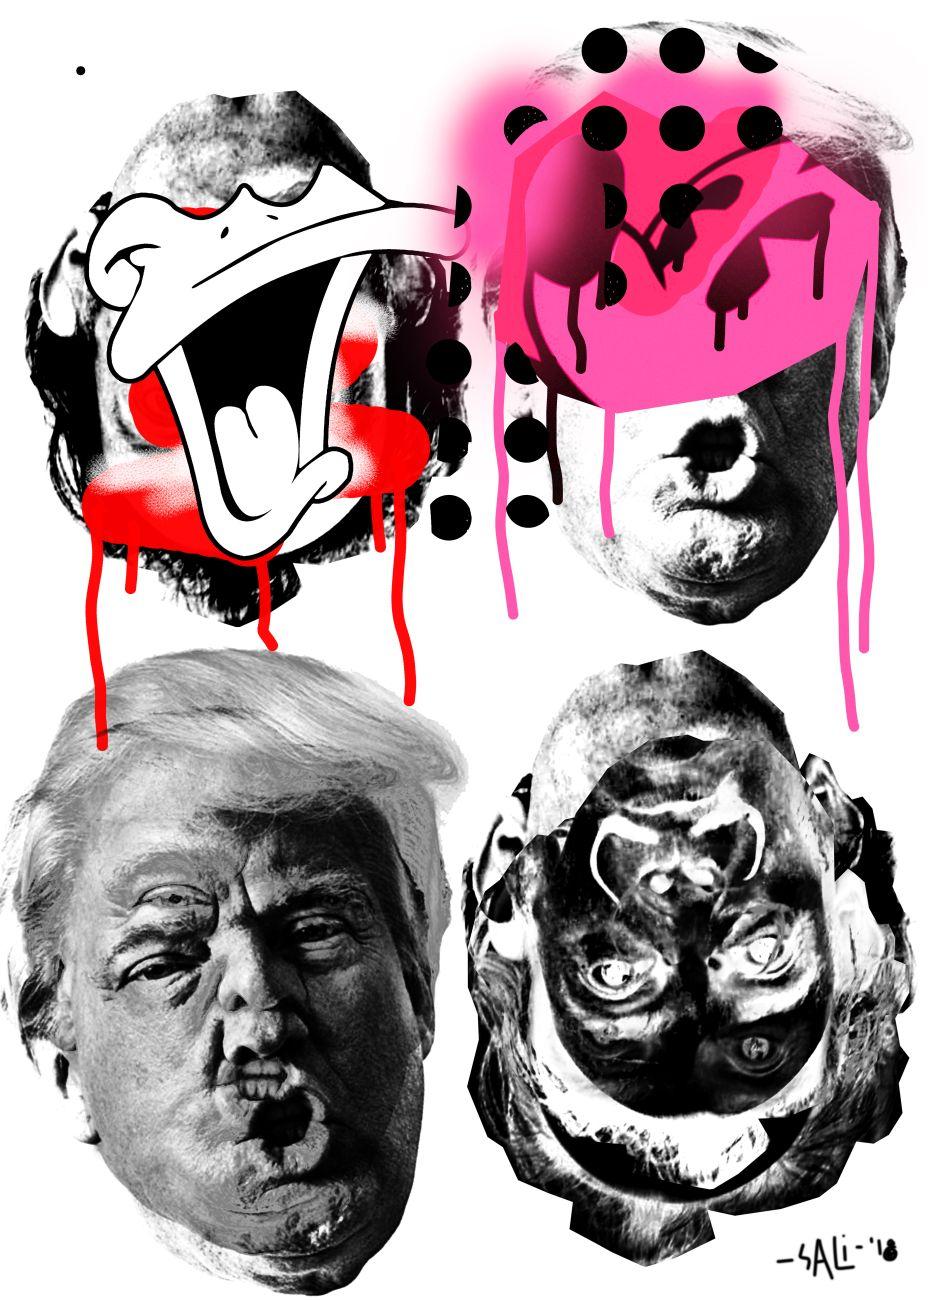 Popularism, Digital Collage, 2019